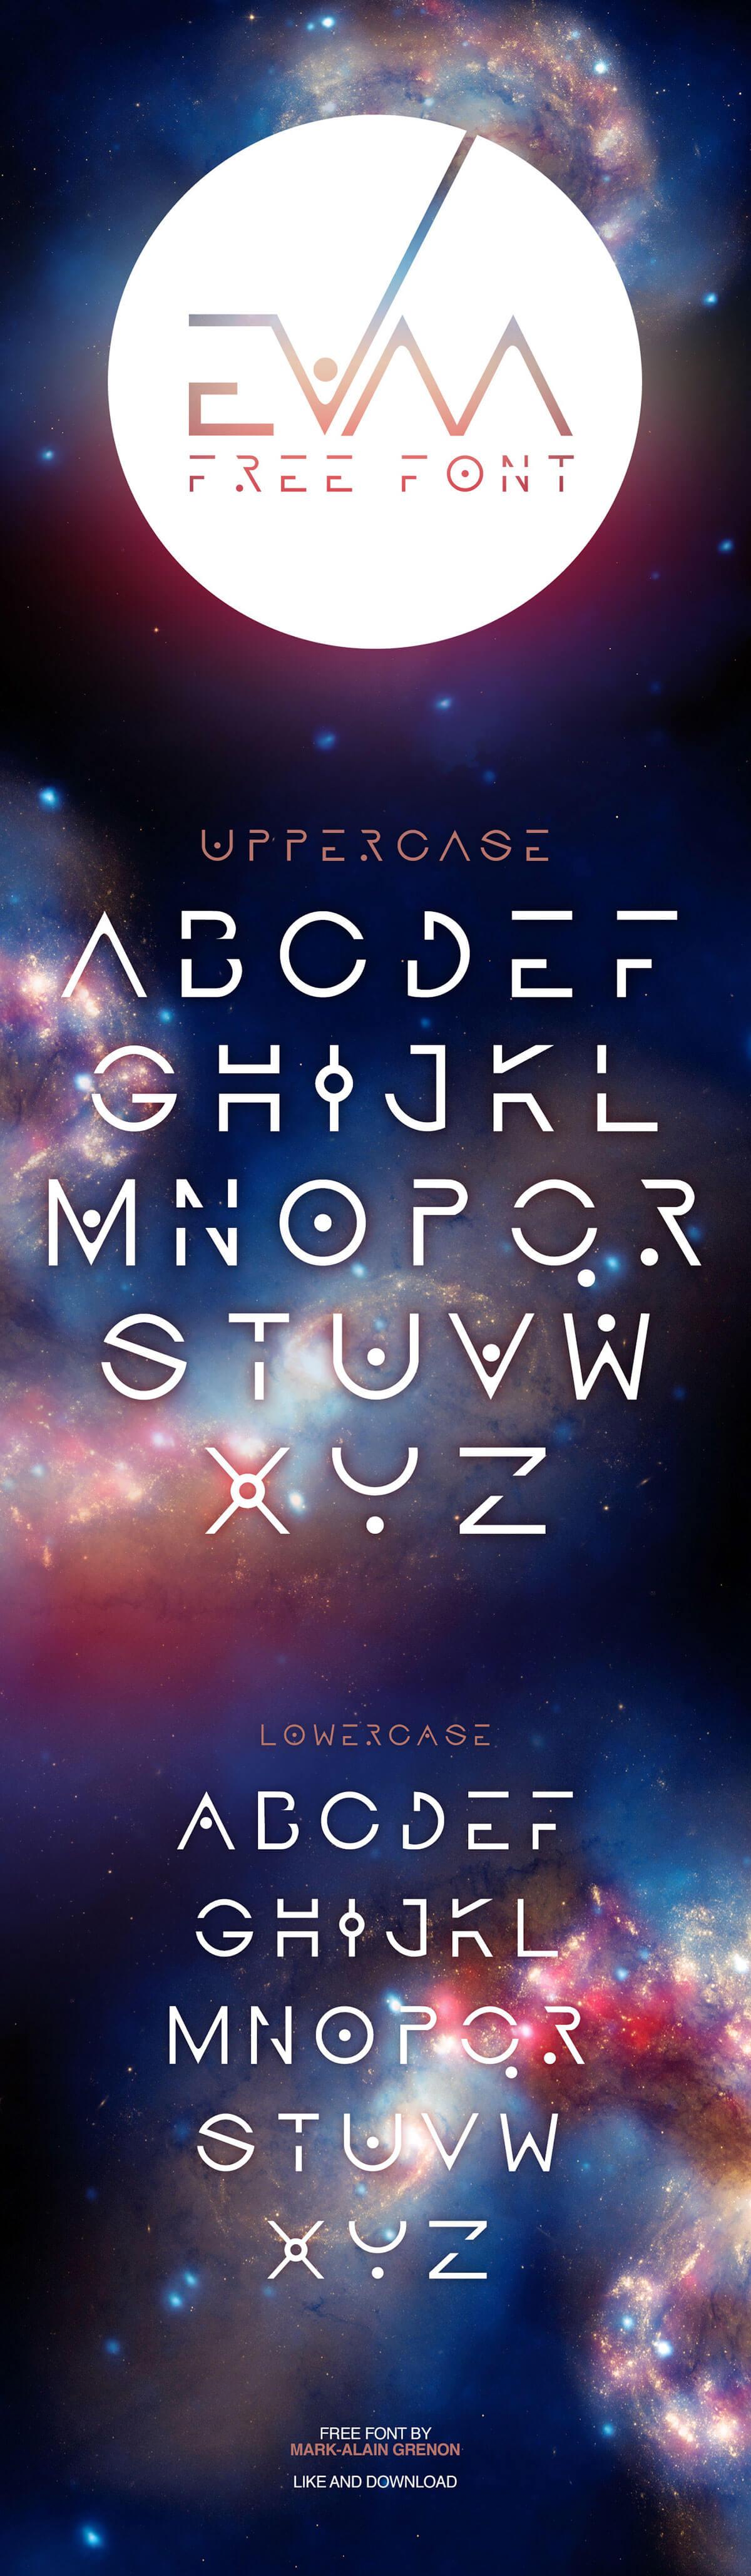 Free Evaa Galactic Display Font